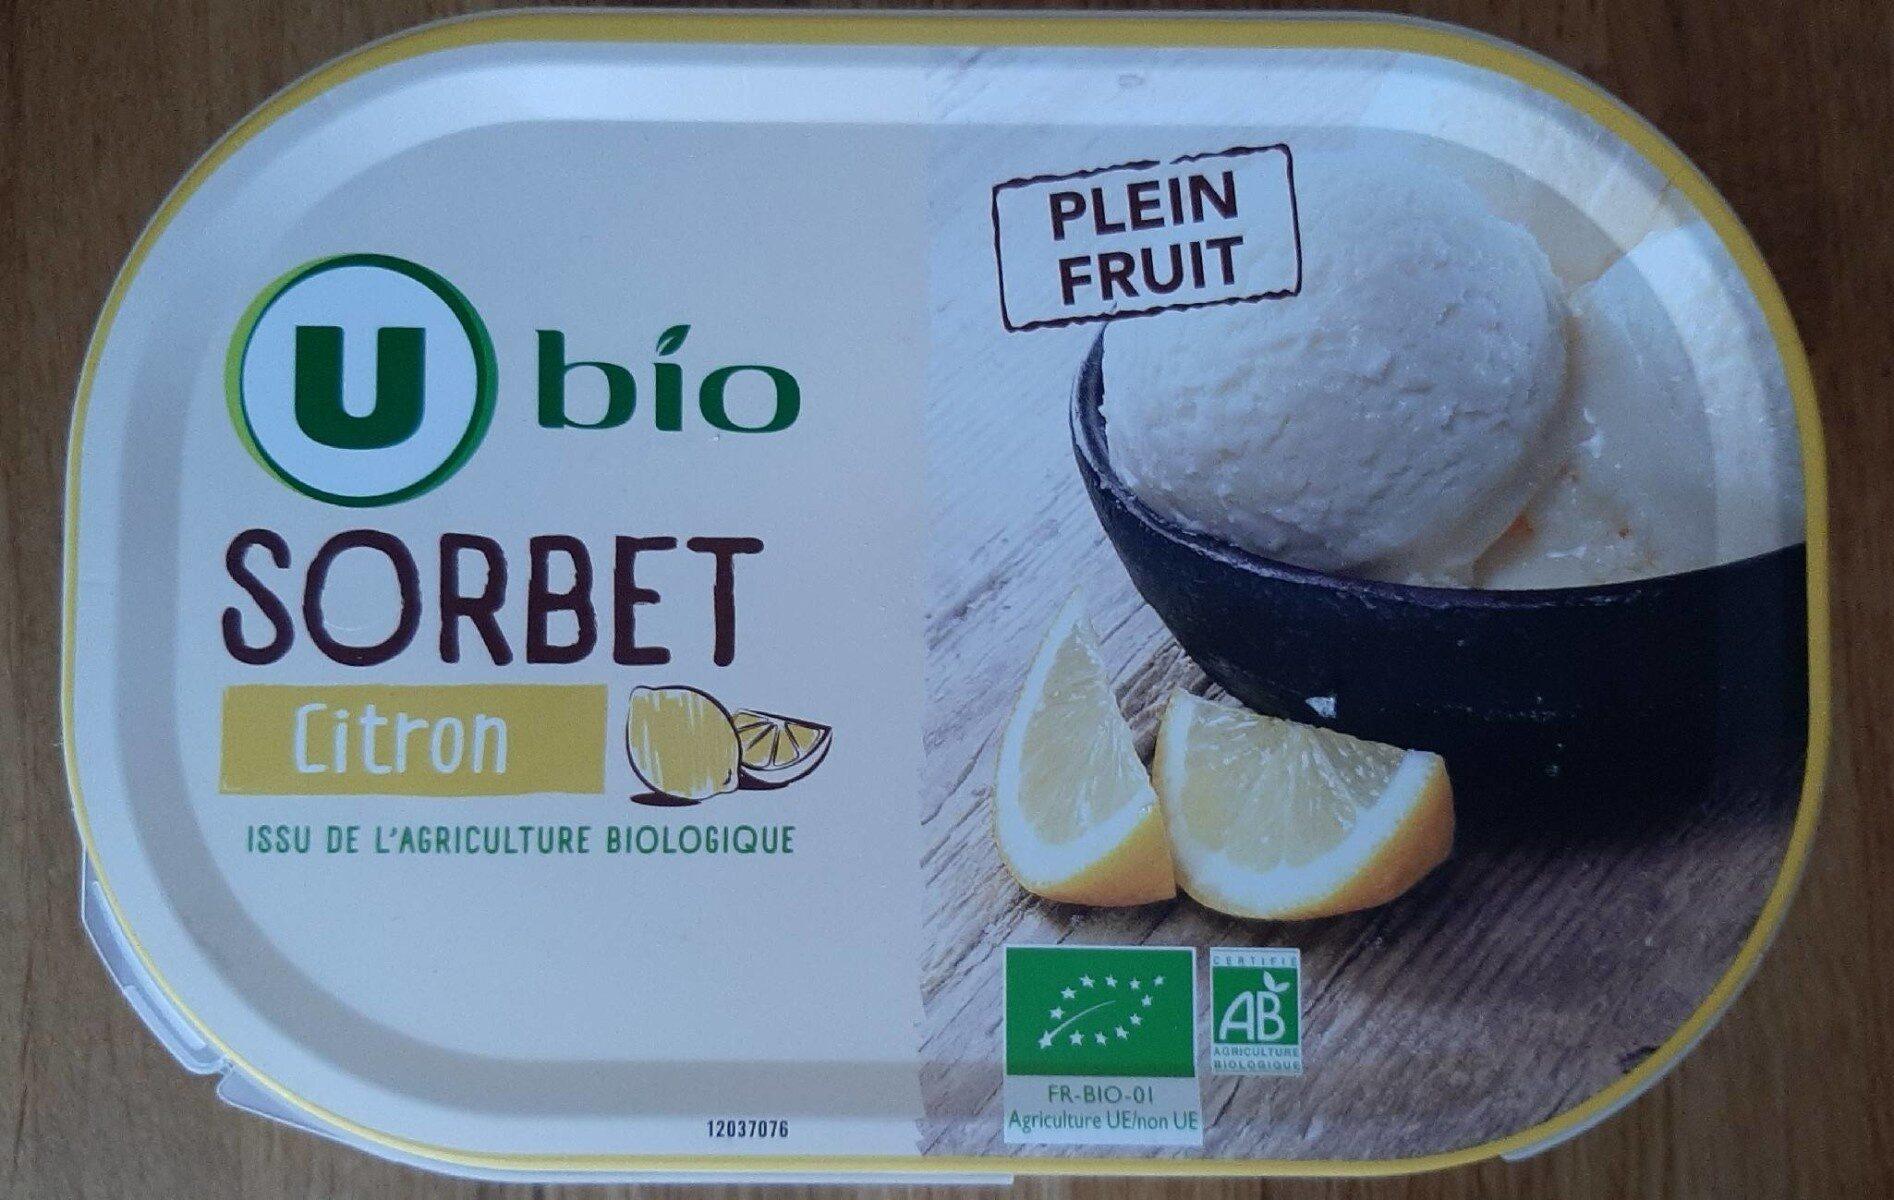 Sorbet pleins fruits citrons - Produit - fr